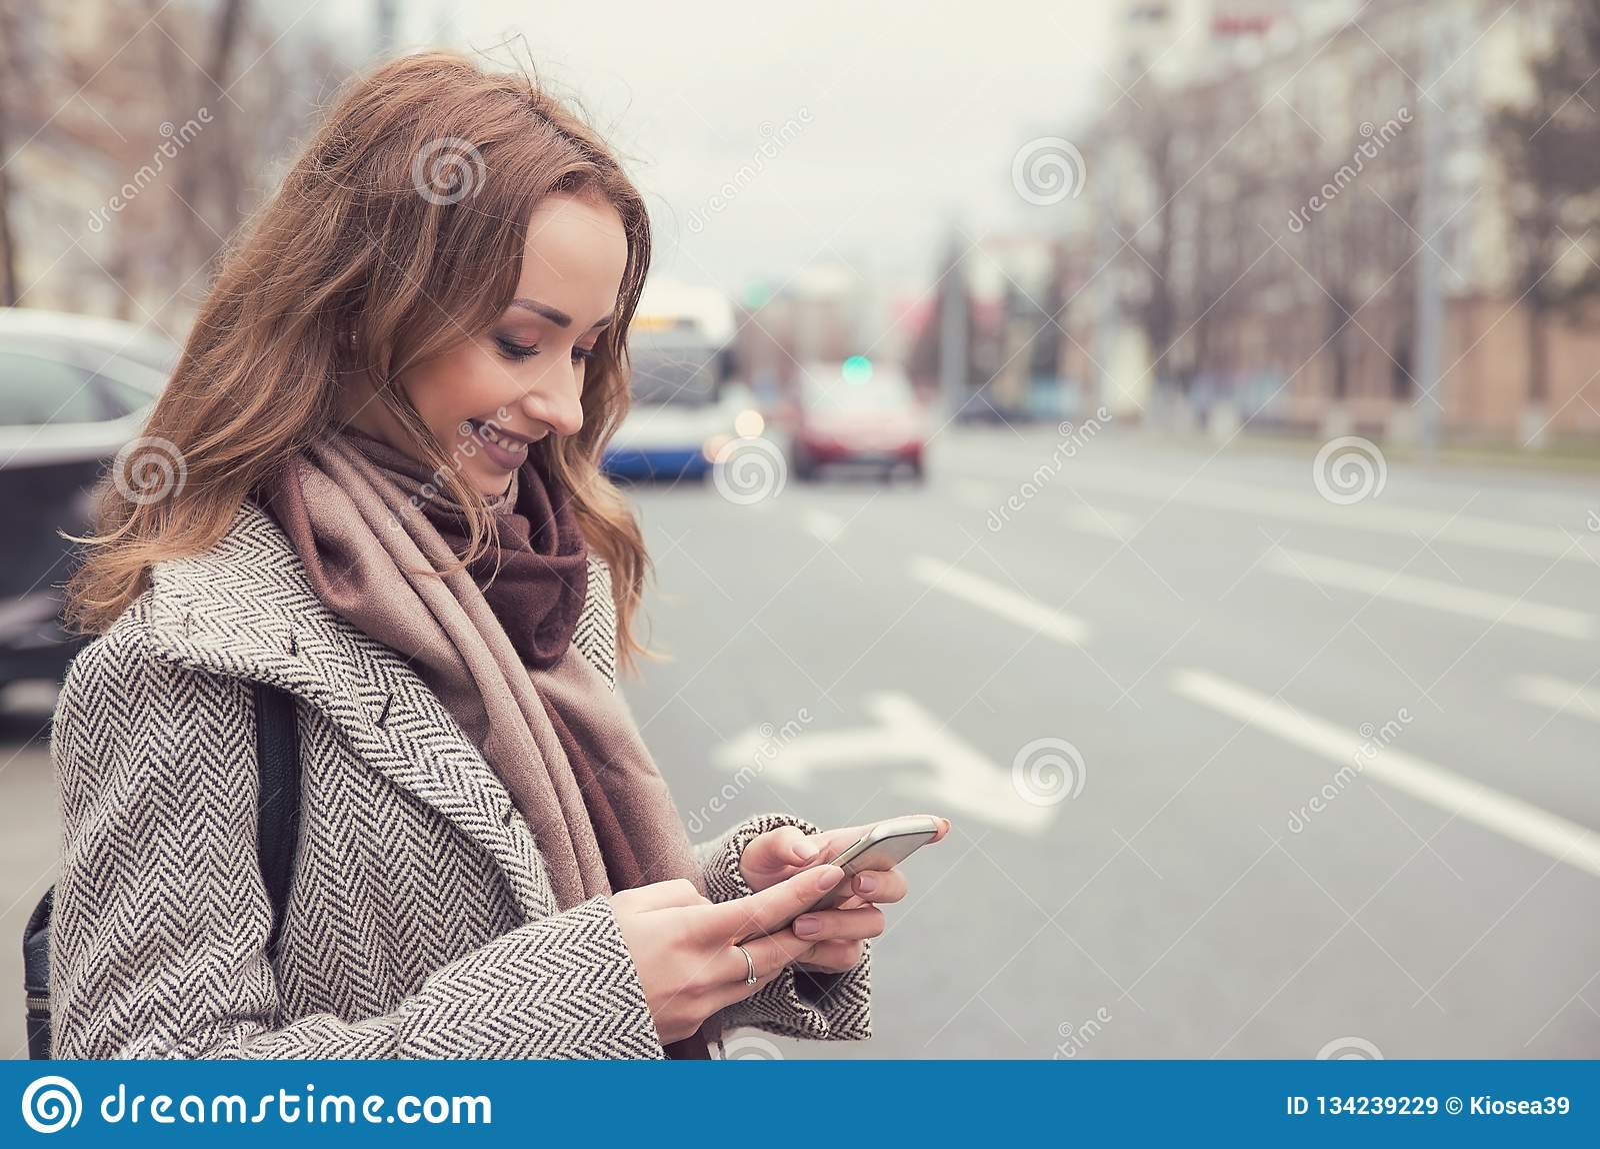 Donna sorridente che controlla email tramite telefono cellulare che aspetta un bus